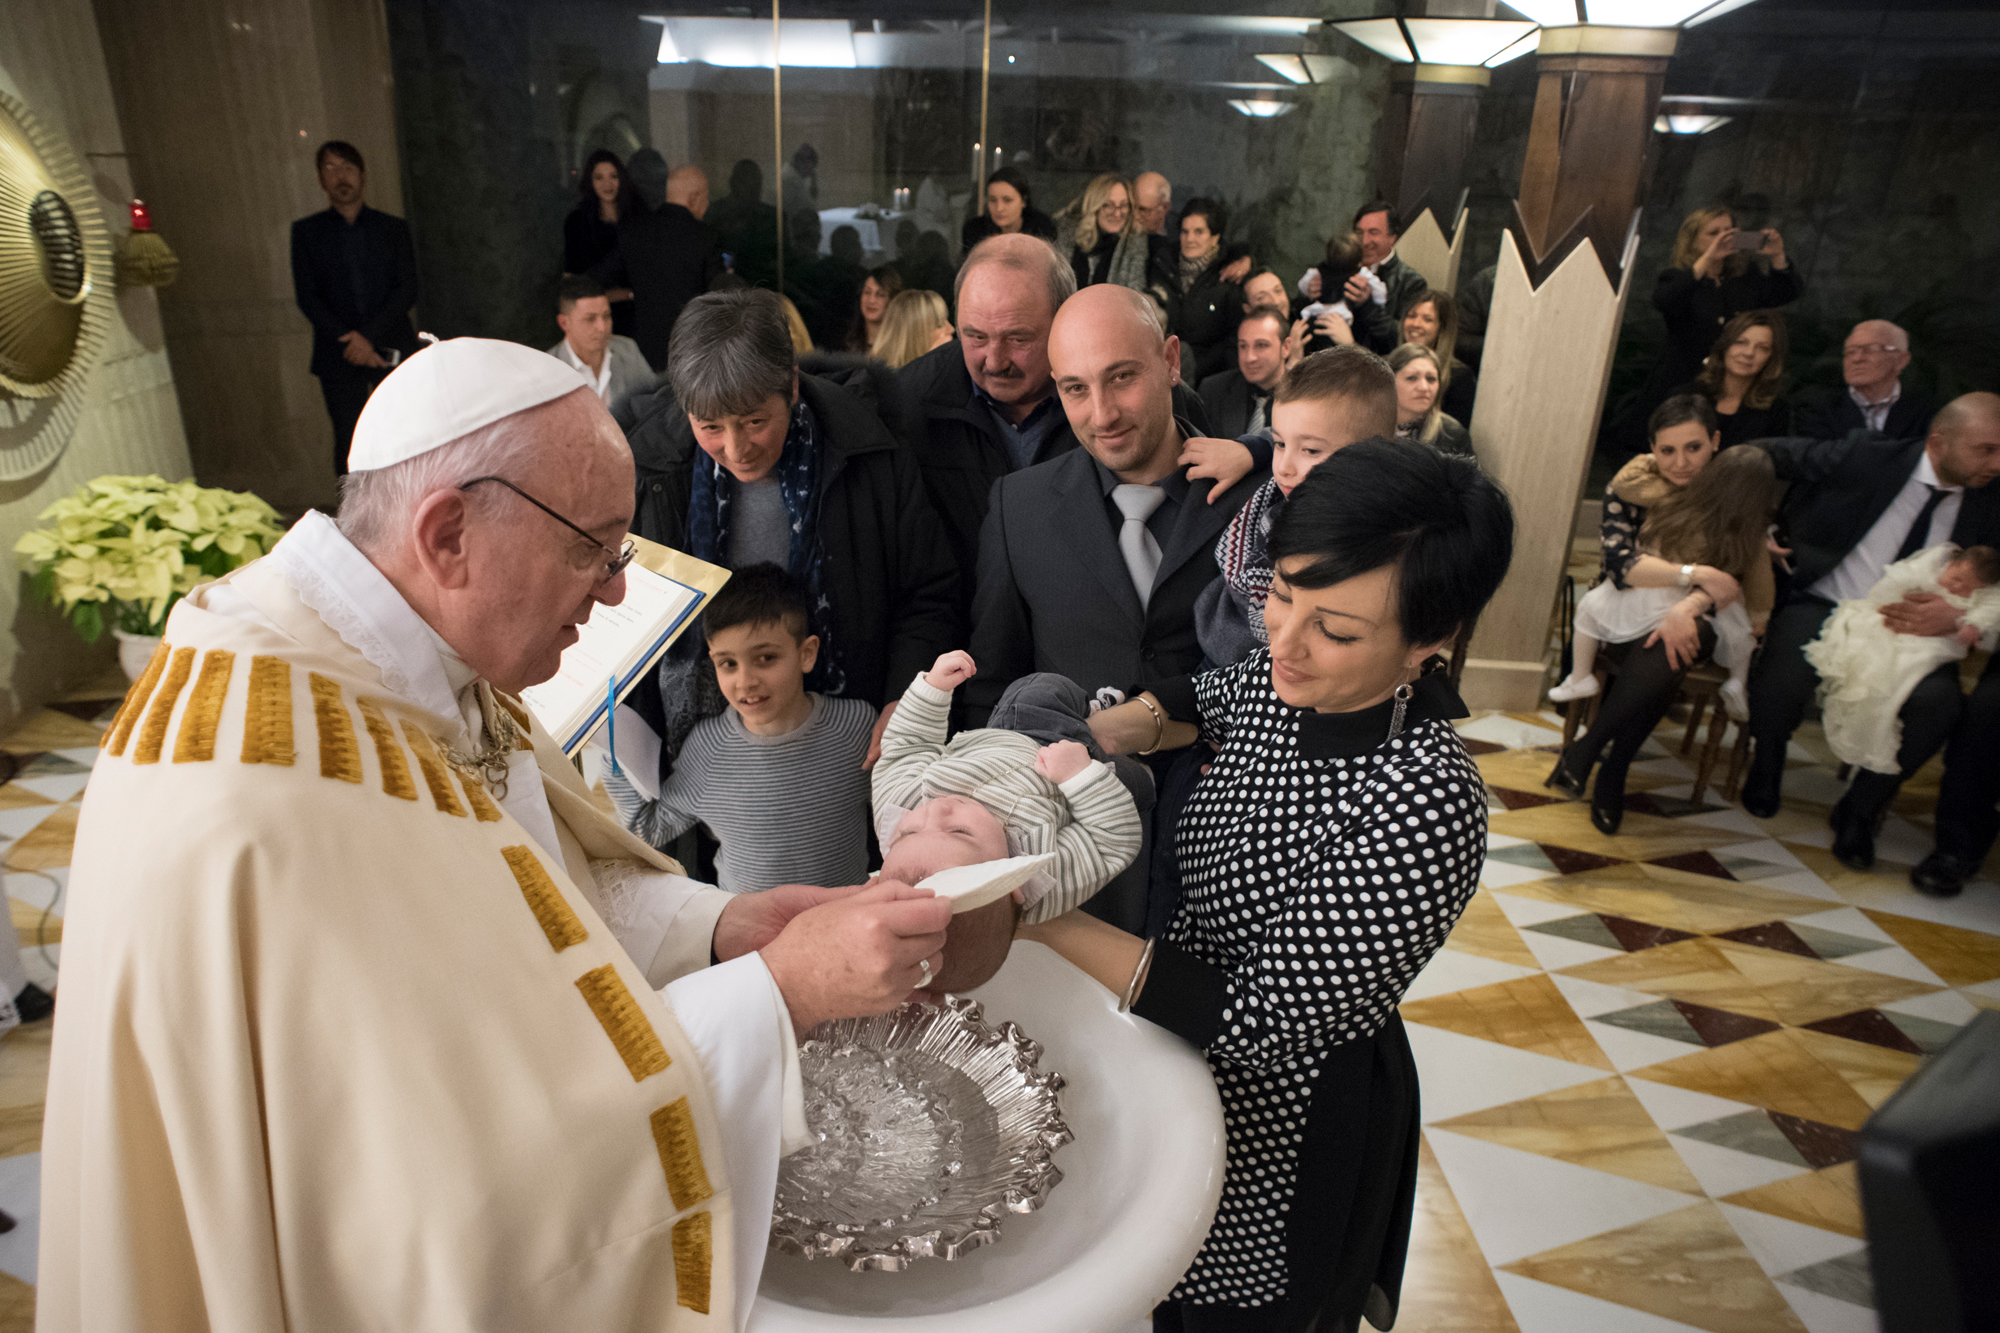 ©L'Osservatore Romano / bautiza en Santa Marta a recién nacidos después del terremoto en Italia